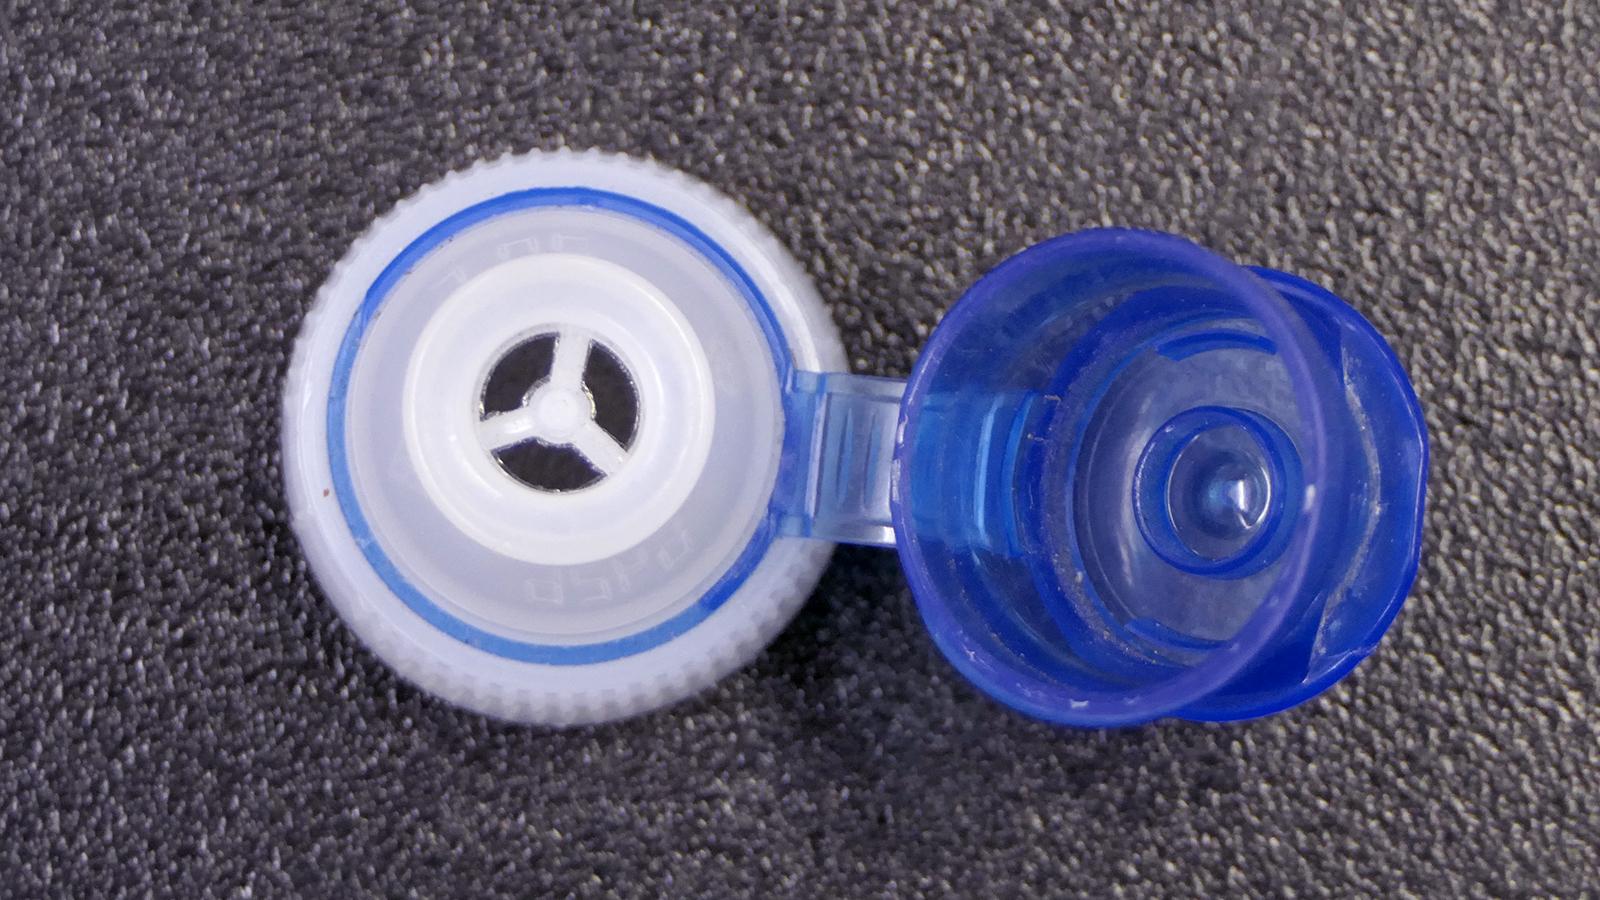 flip-top lid